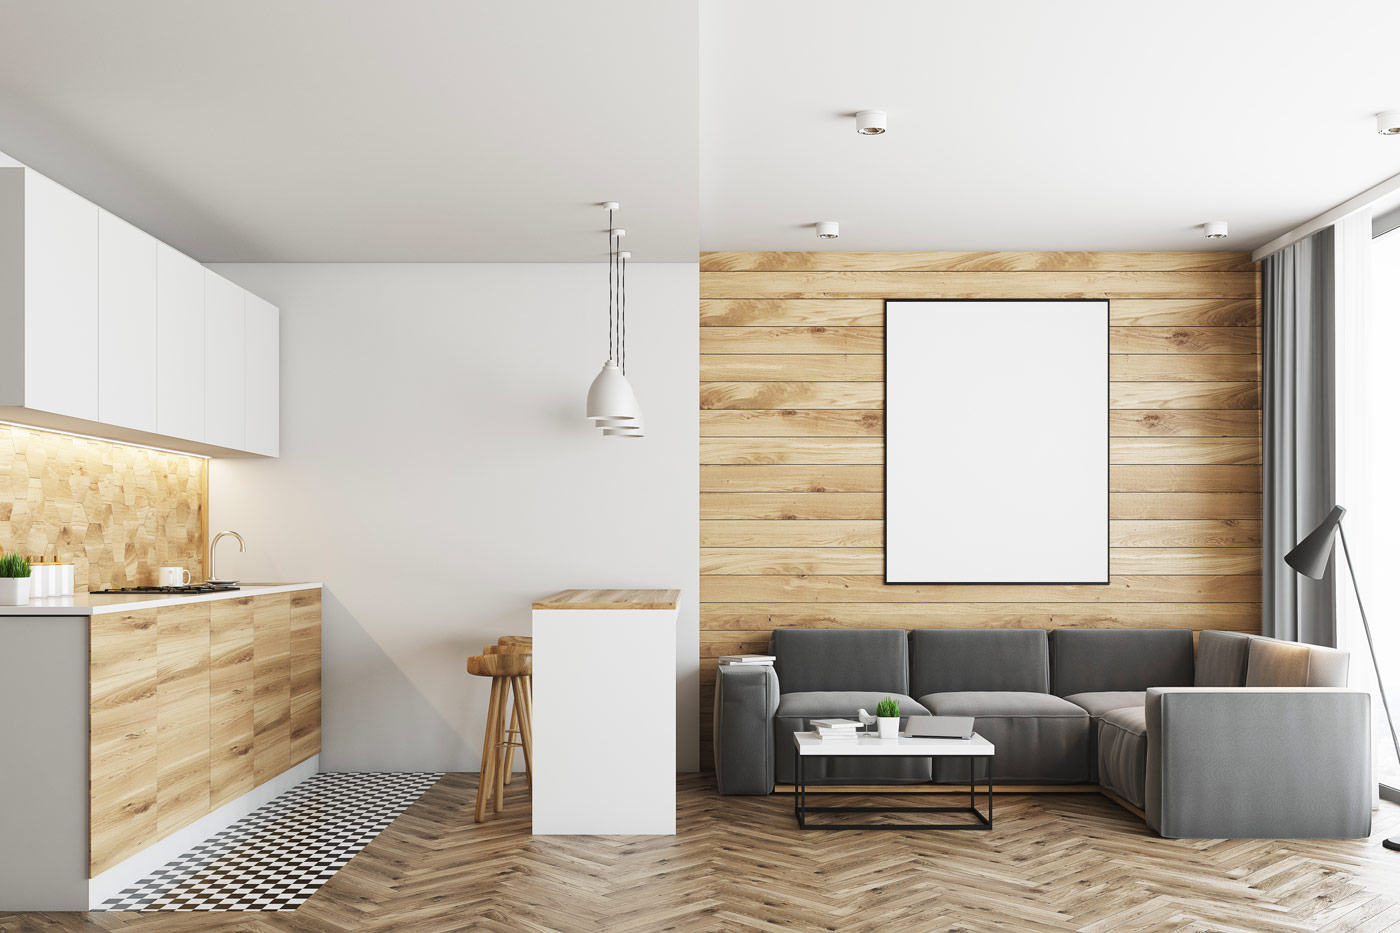 Idee di arredo per mini appartamenti vivere meglio in una for Idee di arredo